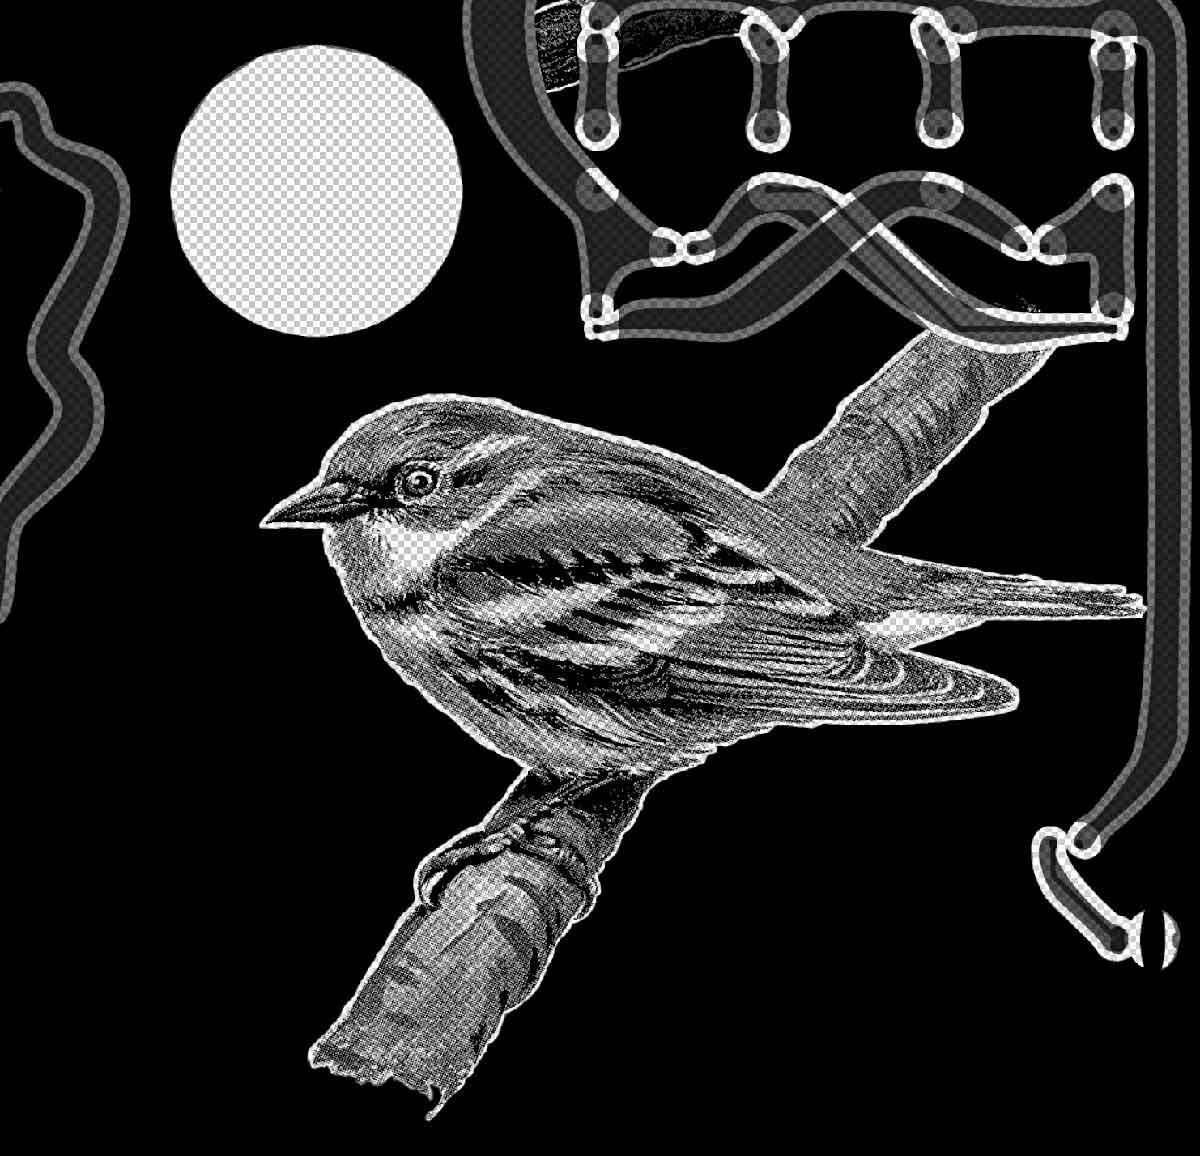 KHeaton_c-bird_process_sm.jpg